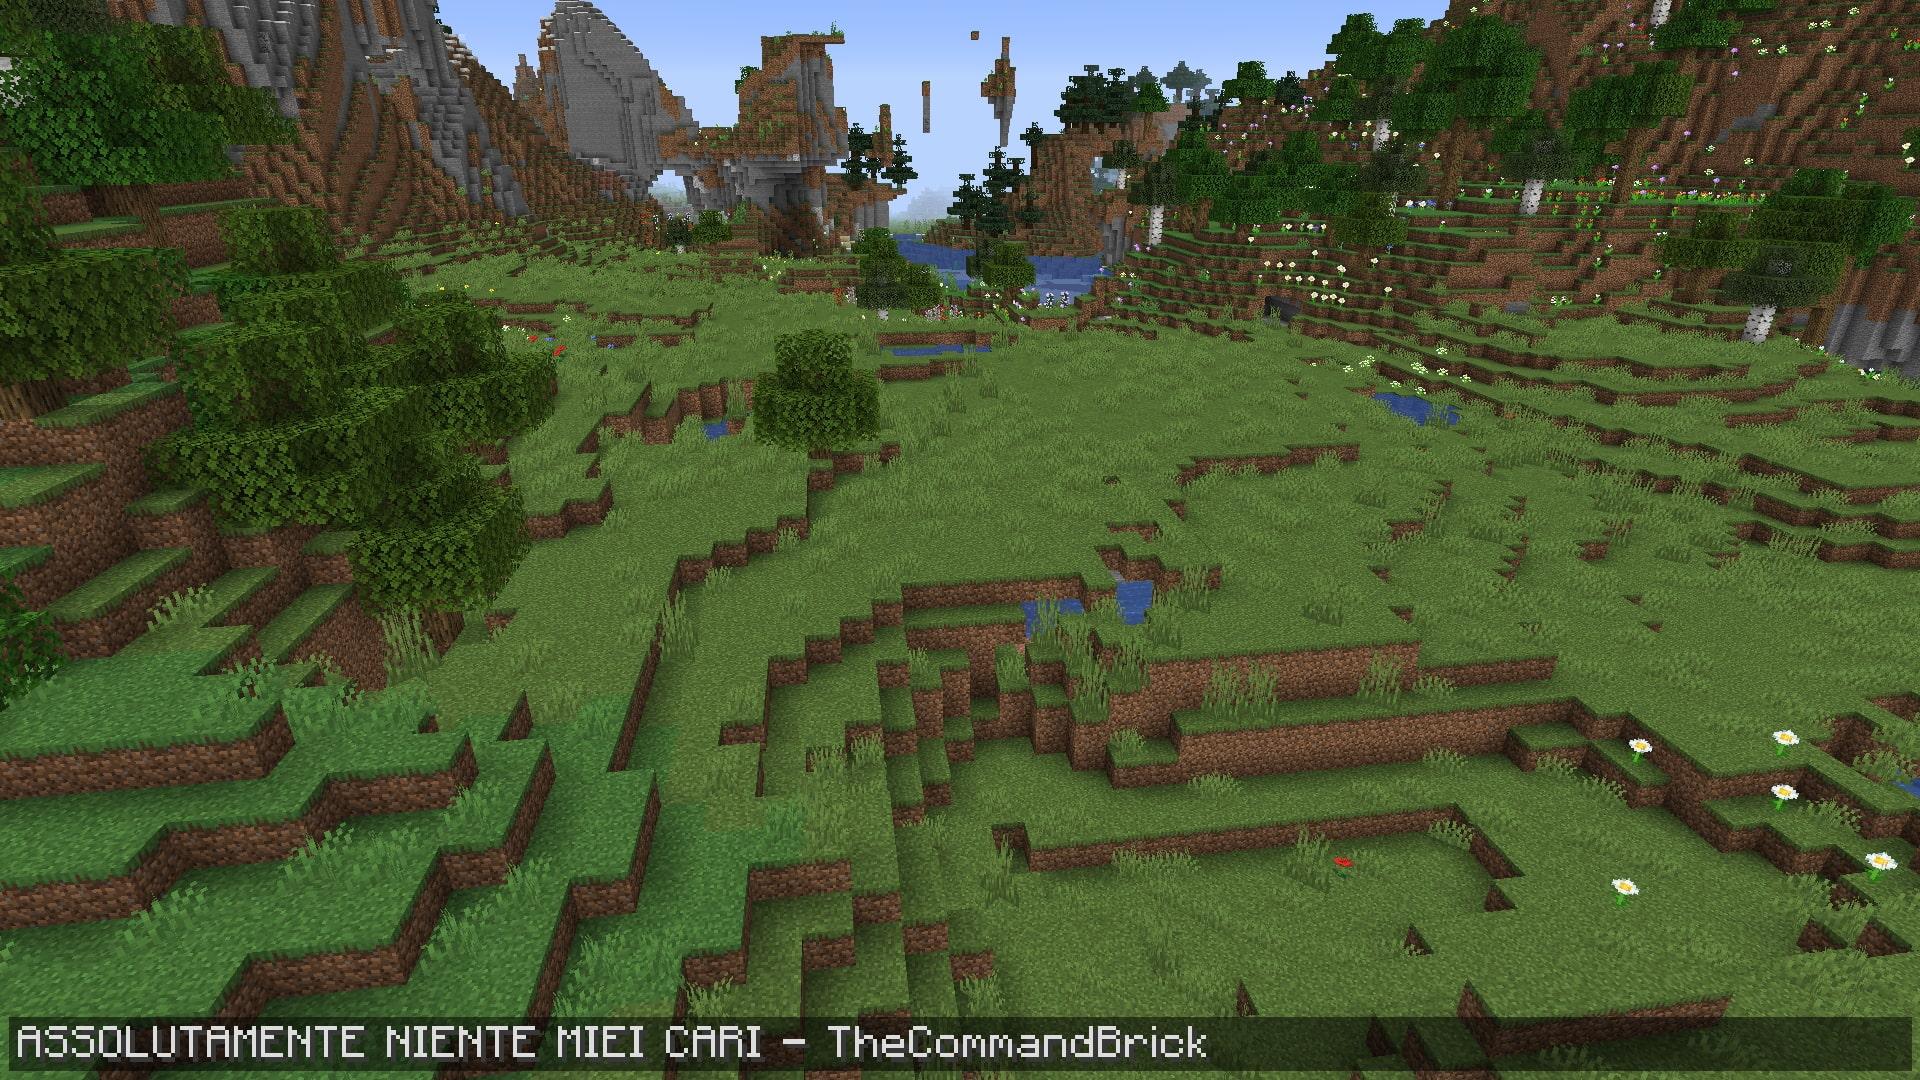 Benvenuti in questo tutorial! Oggi vedremo come non far spawnare i mob in Minecraft, per ottenere un mondo pulito come in questa immagine.